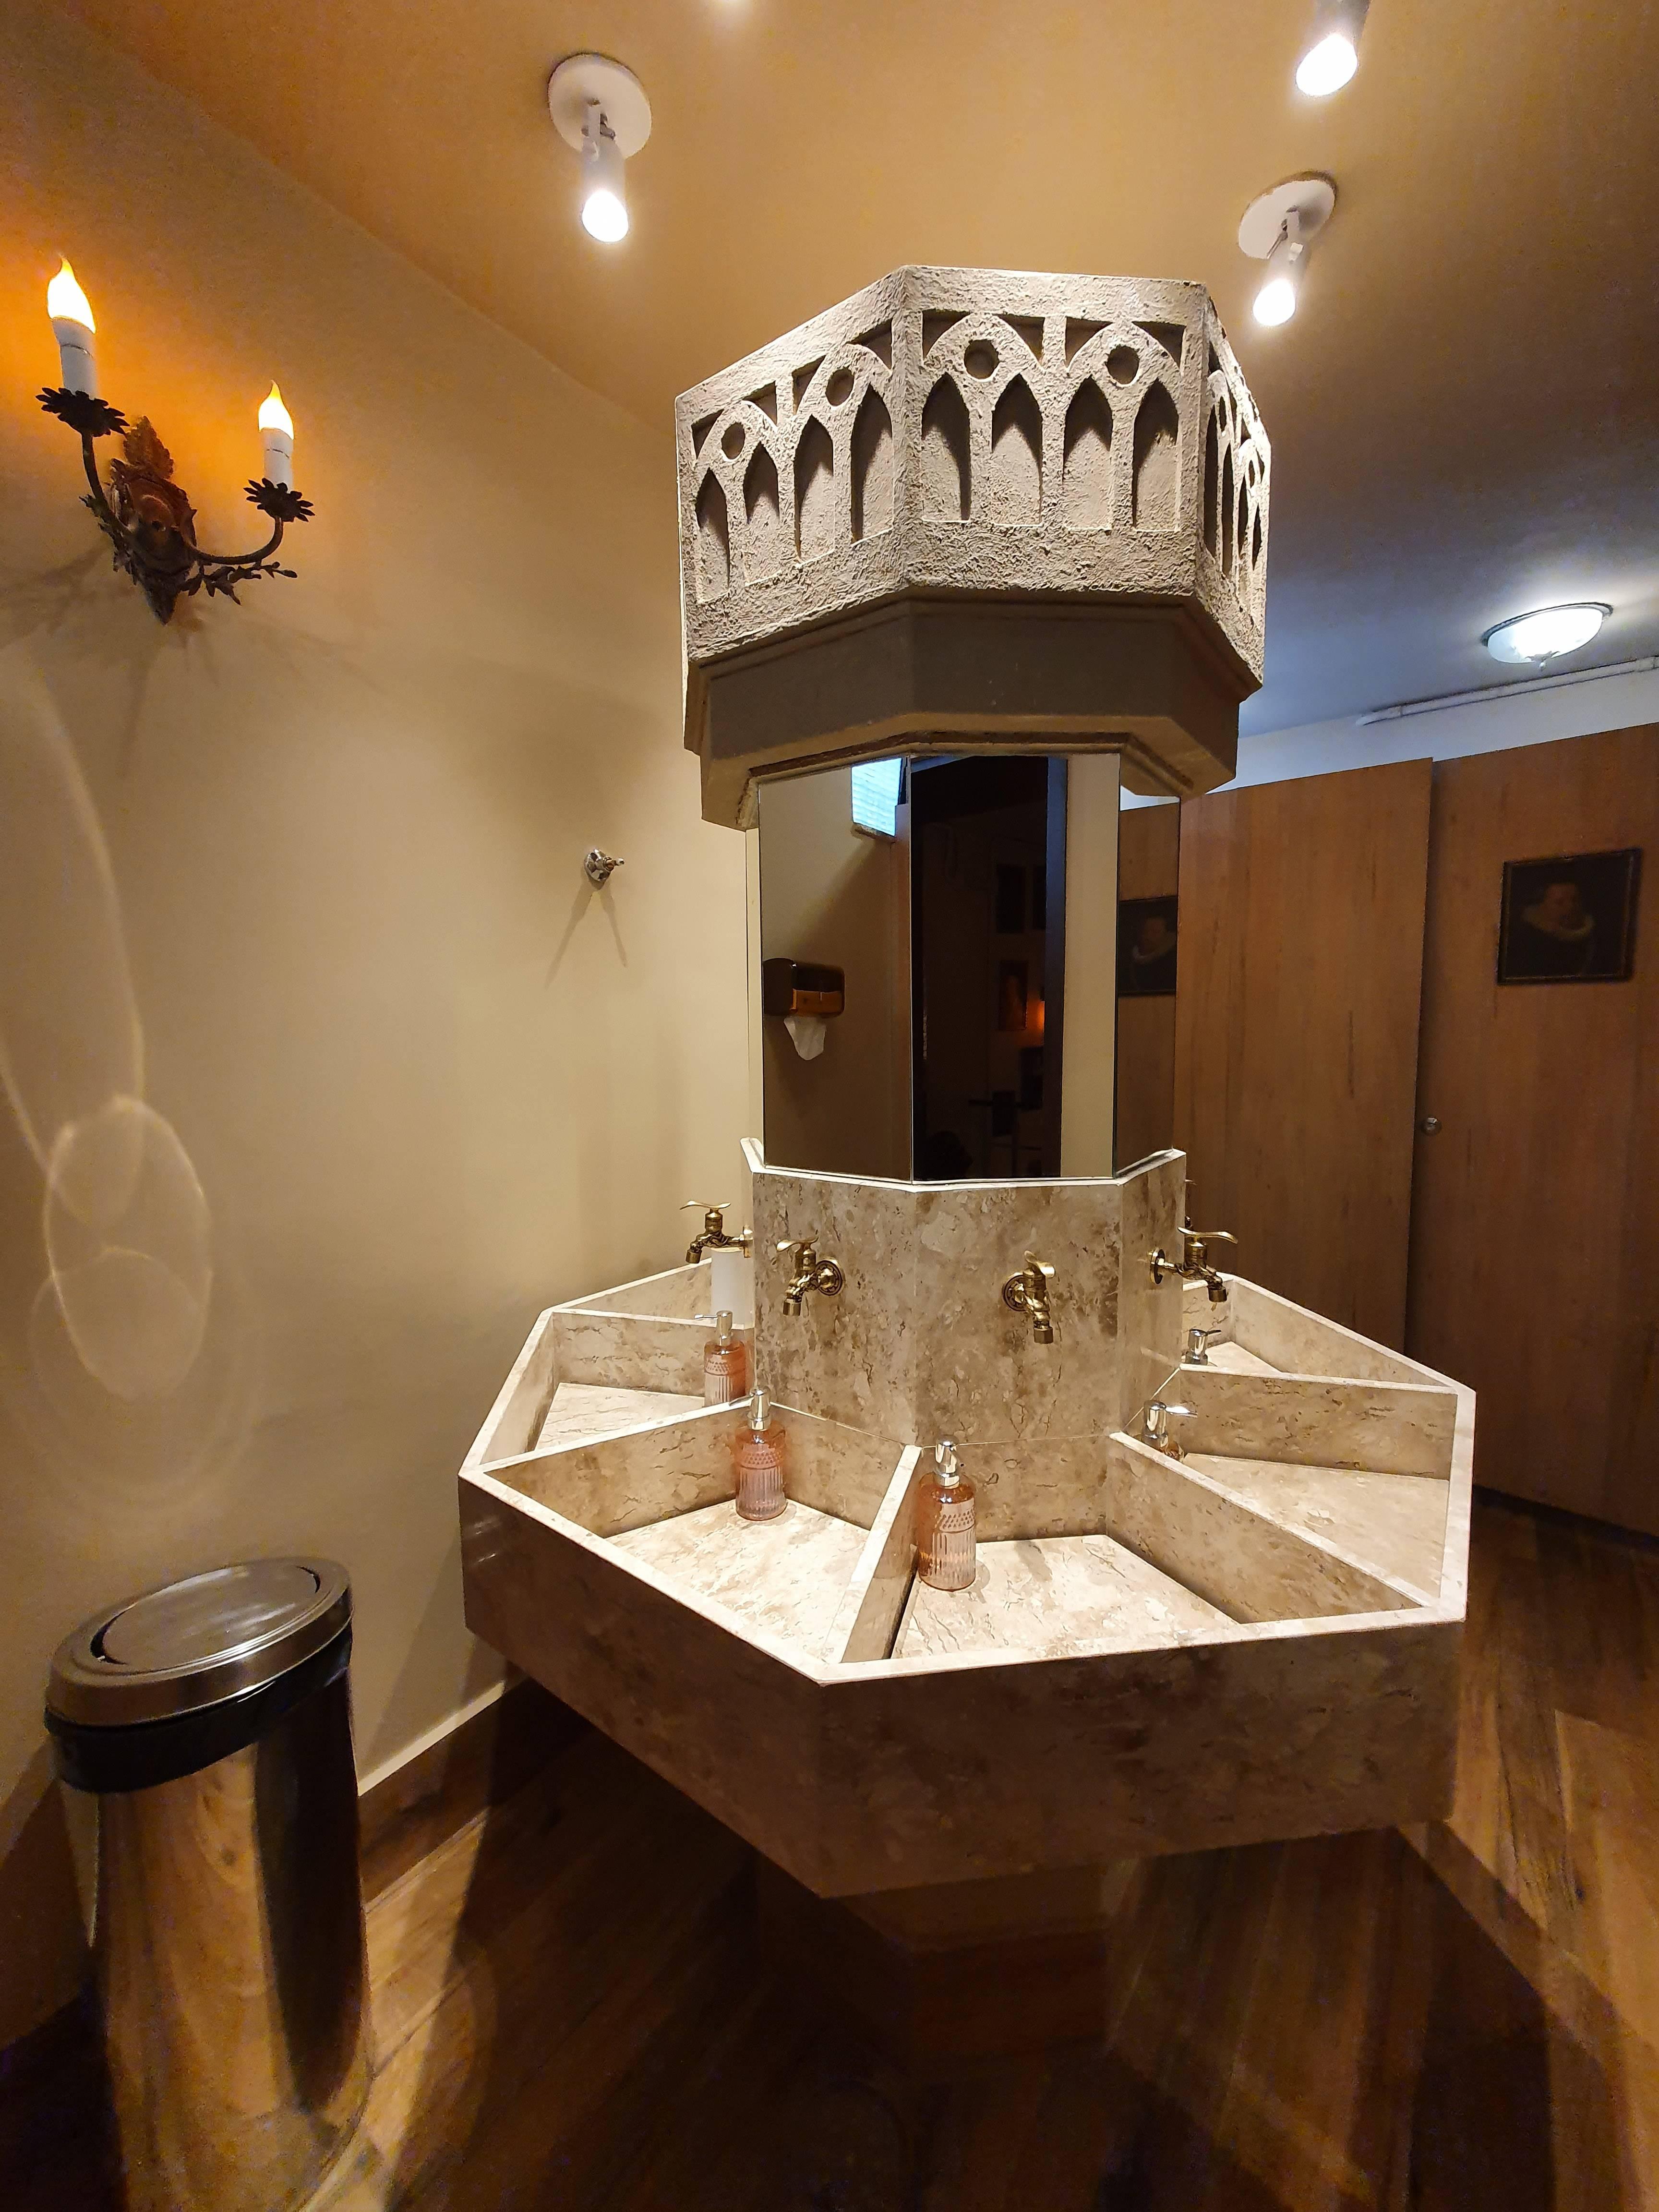 Imagem mostra pia hexagonal em banheiro